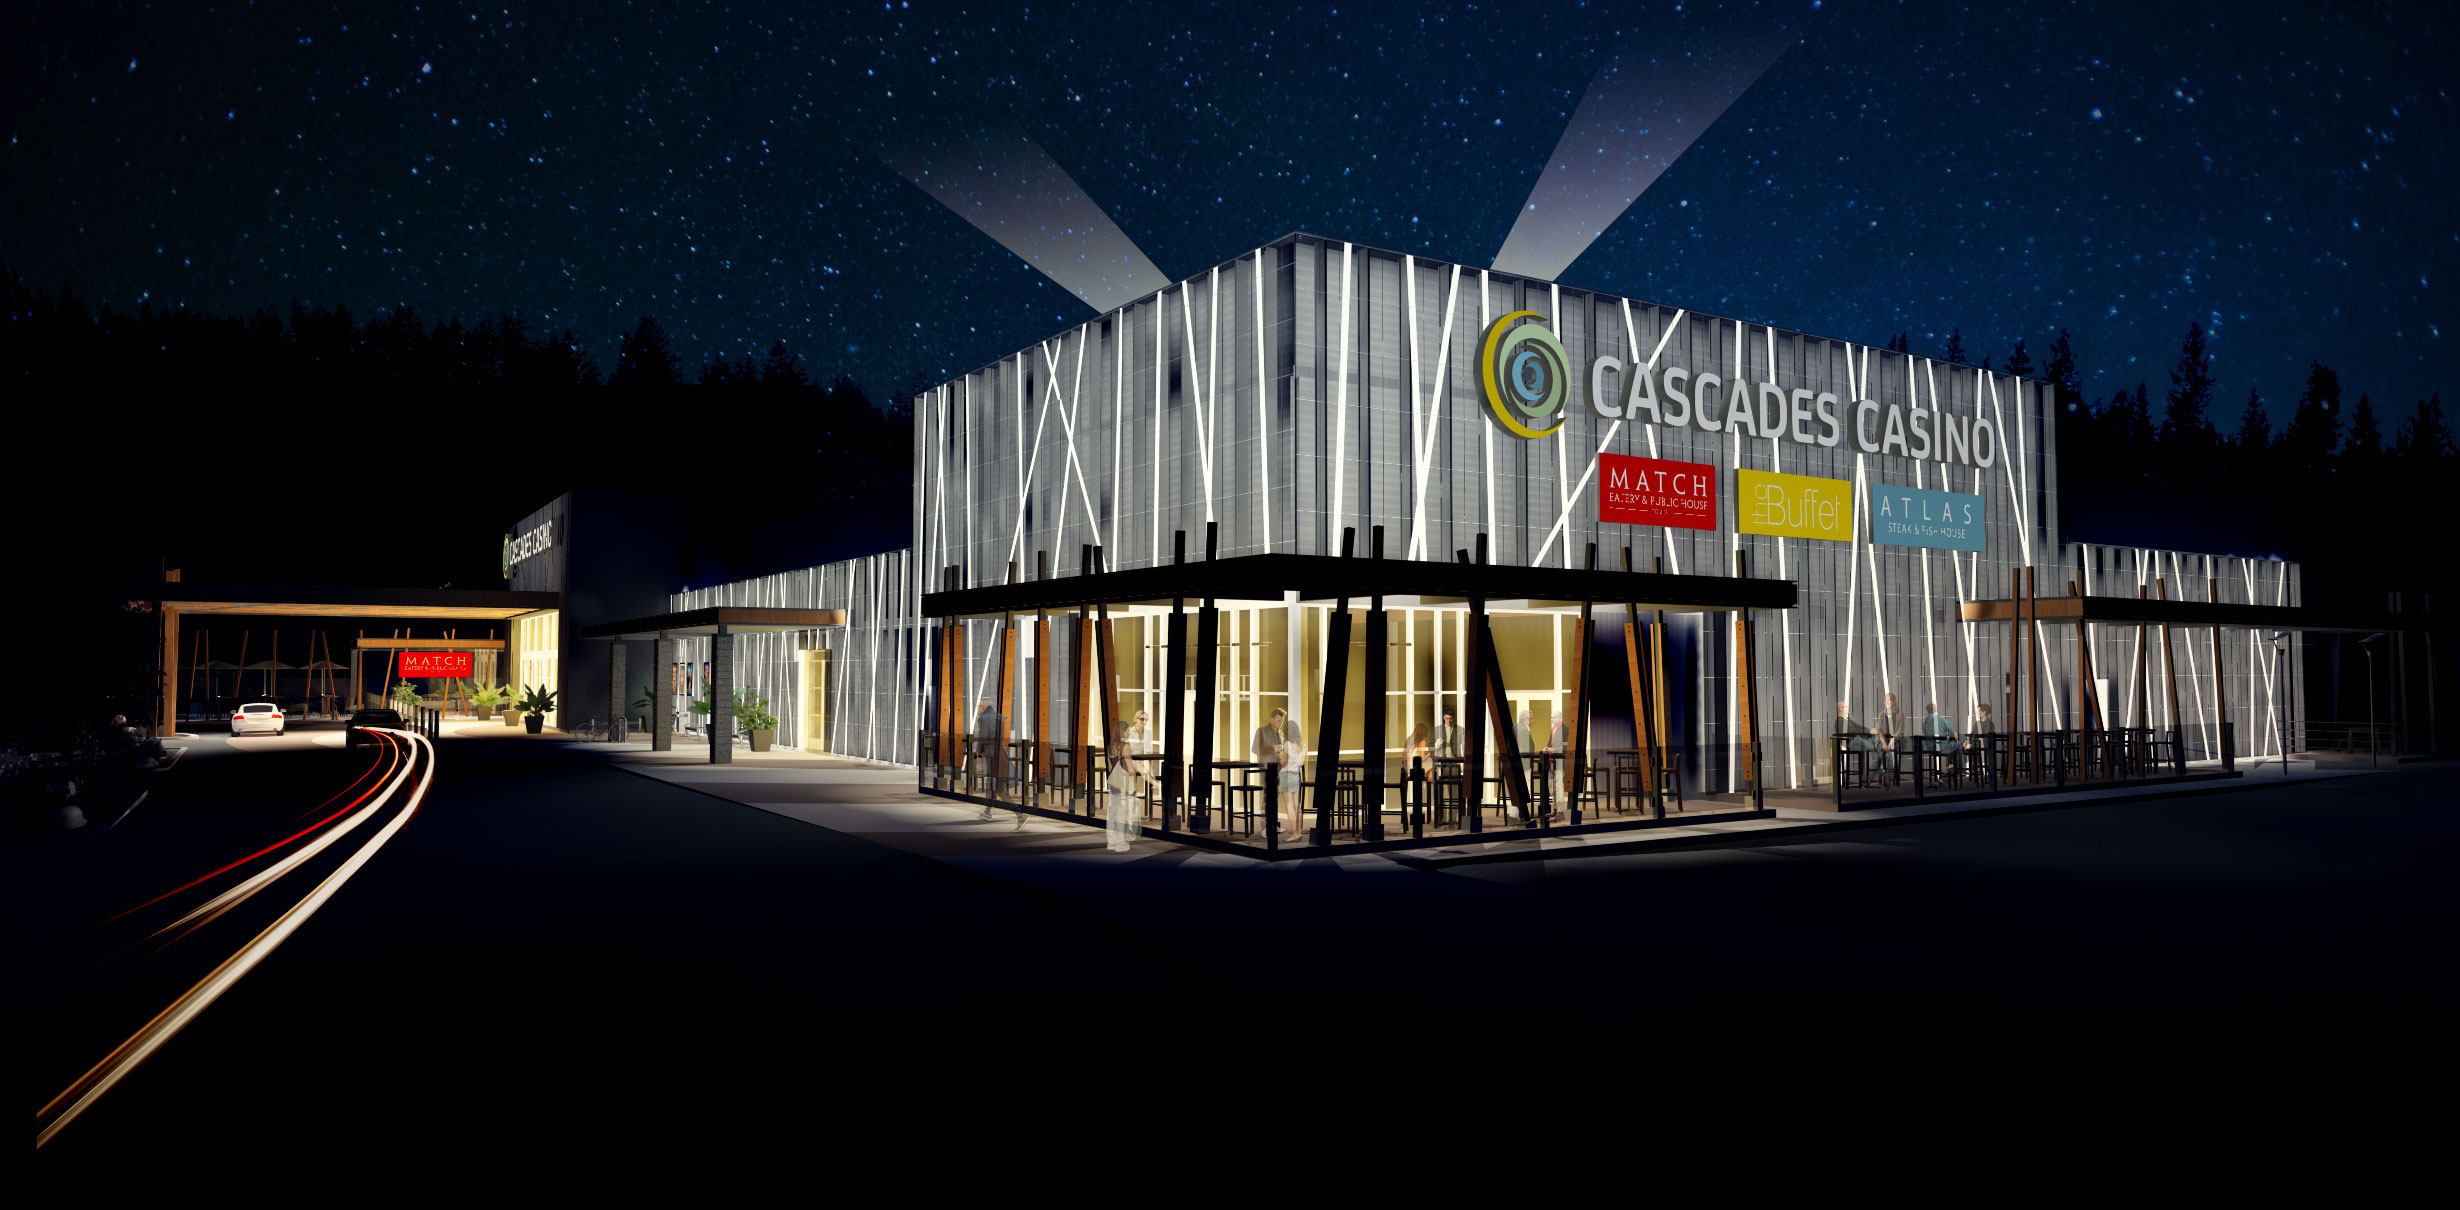 Casino Kamloops